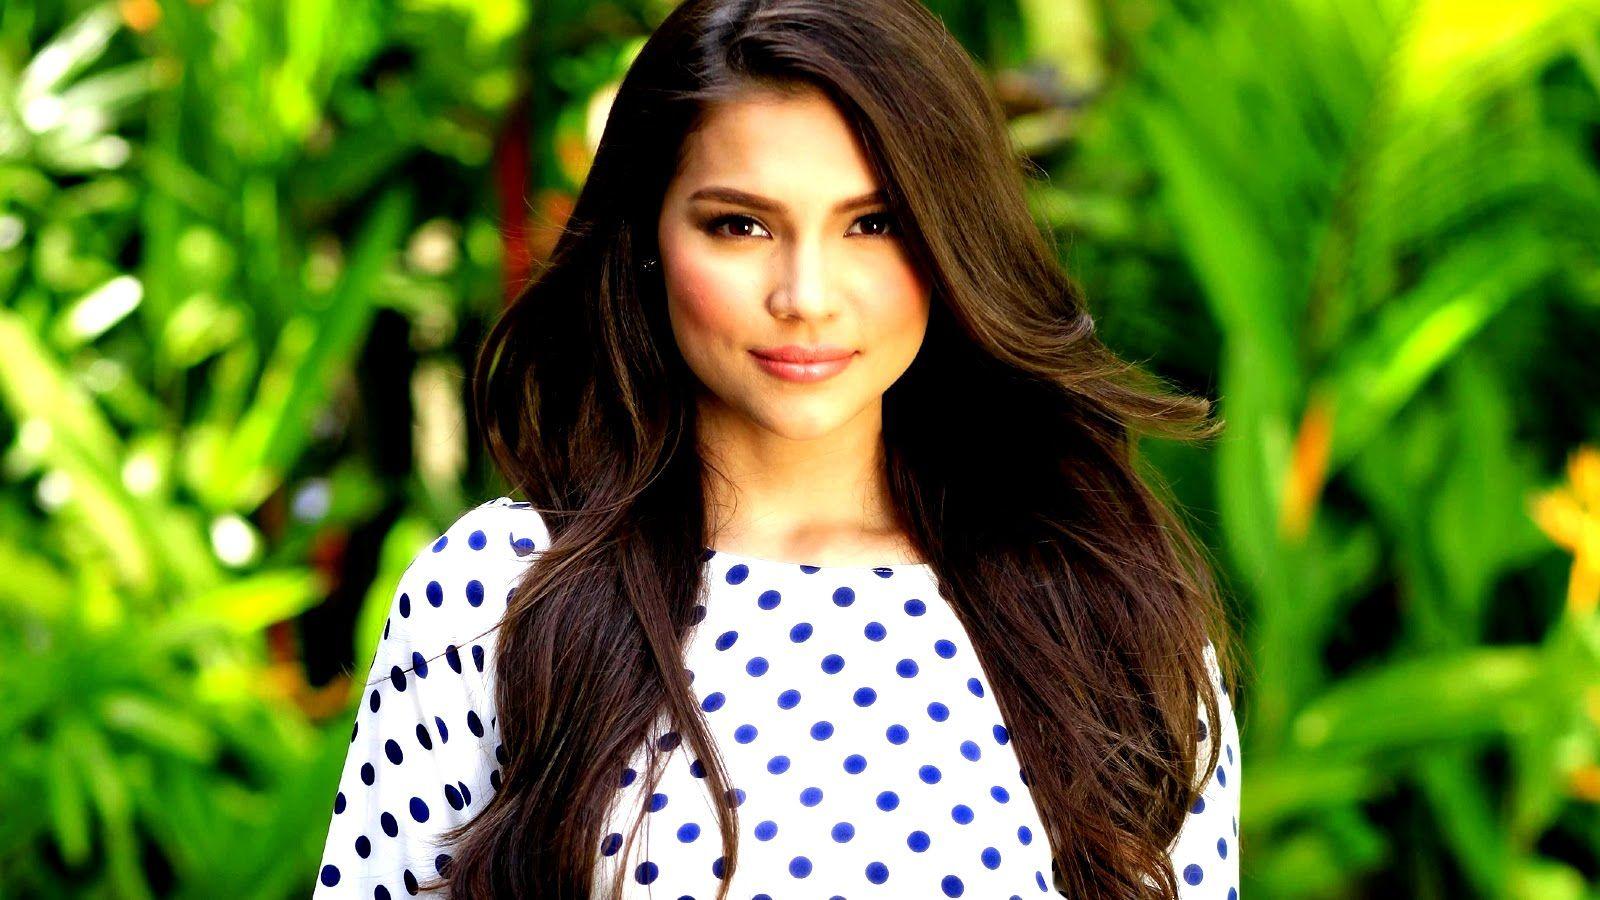 Beste filipina kostenlose dating-sites